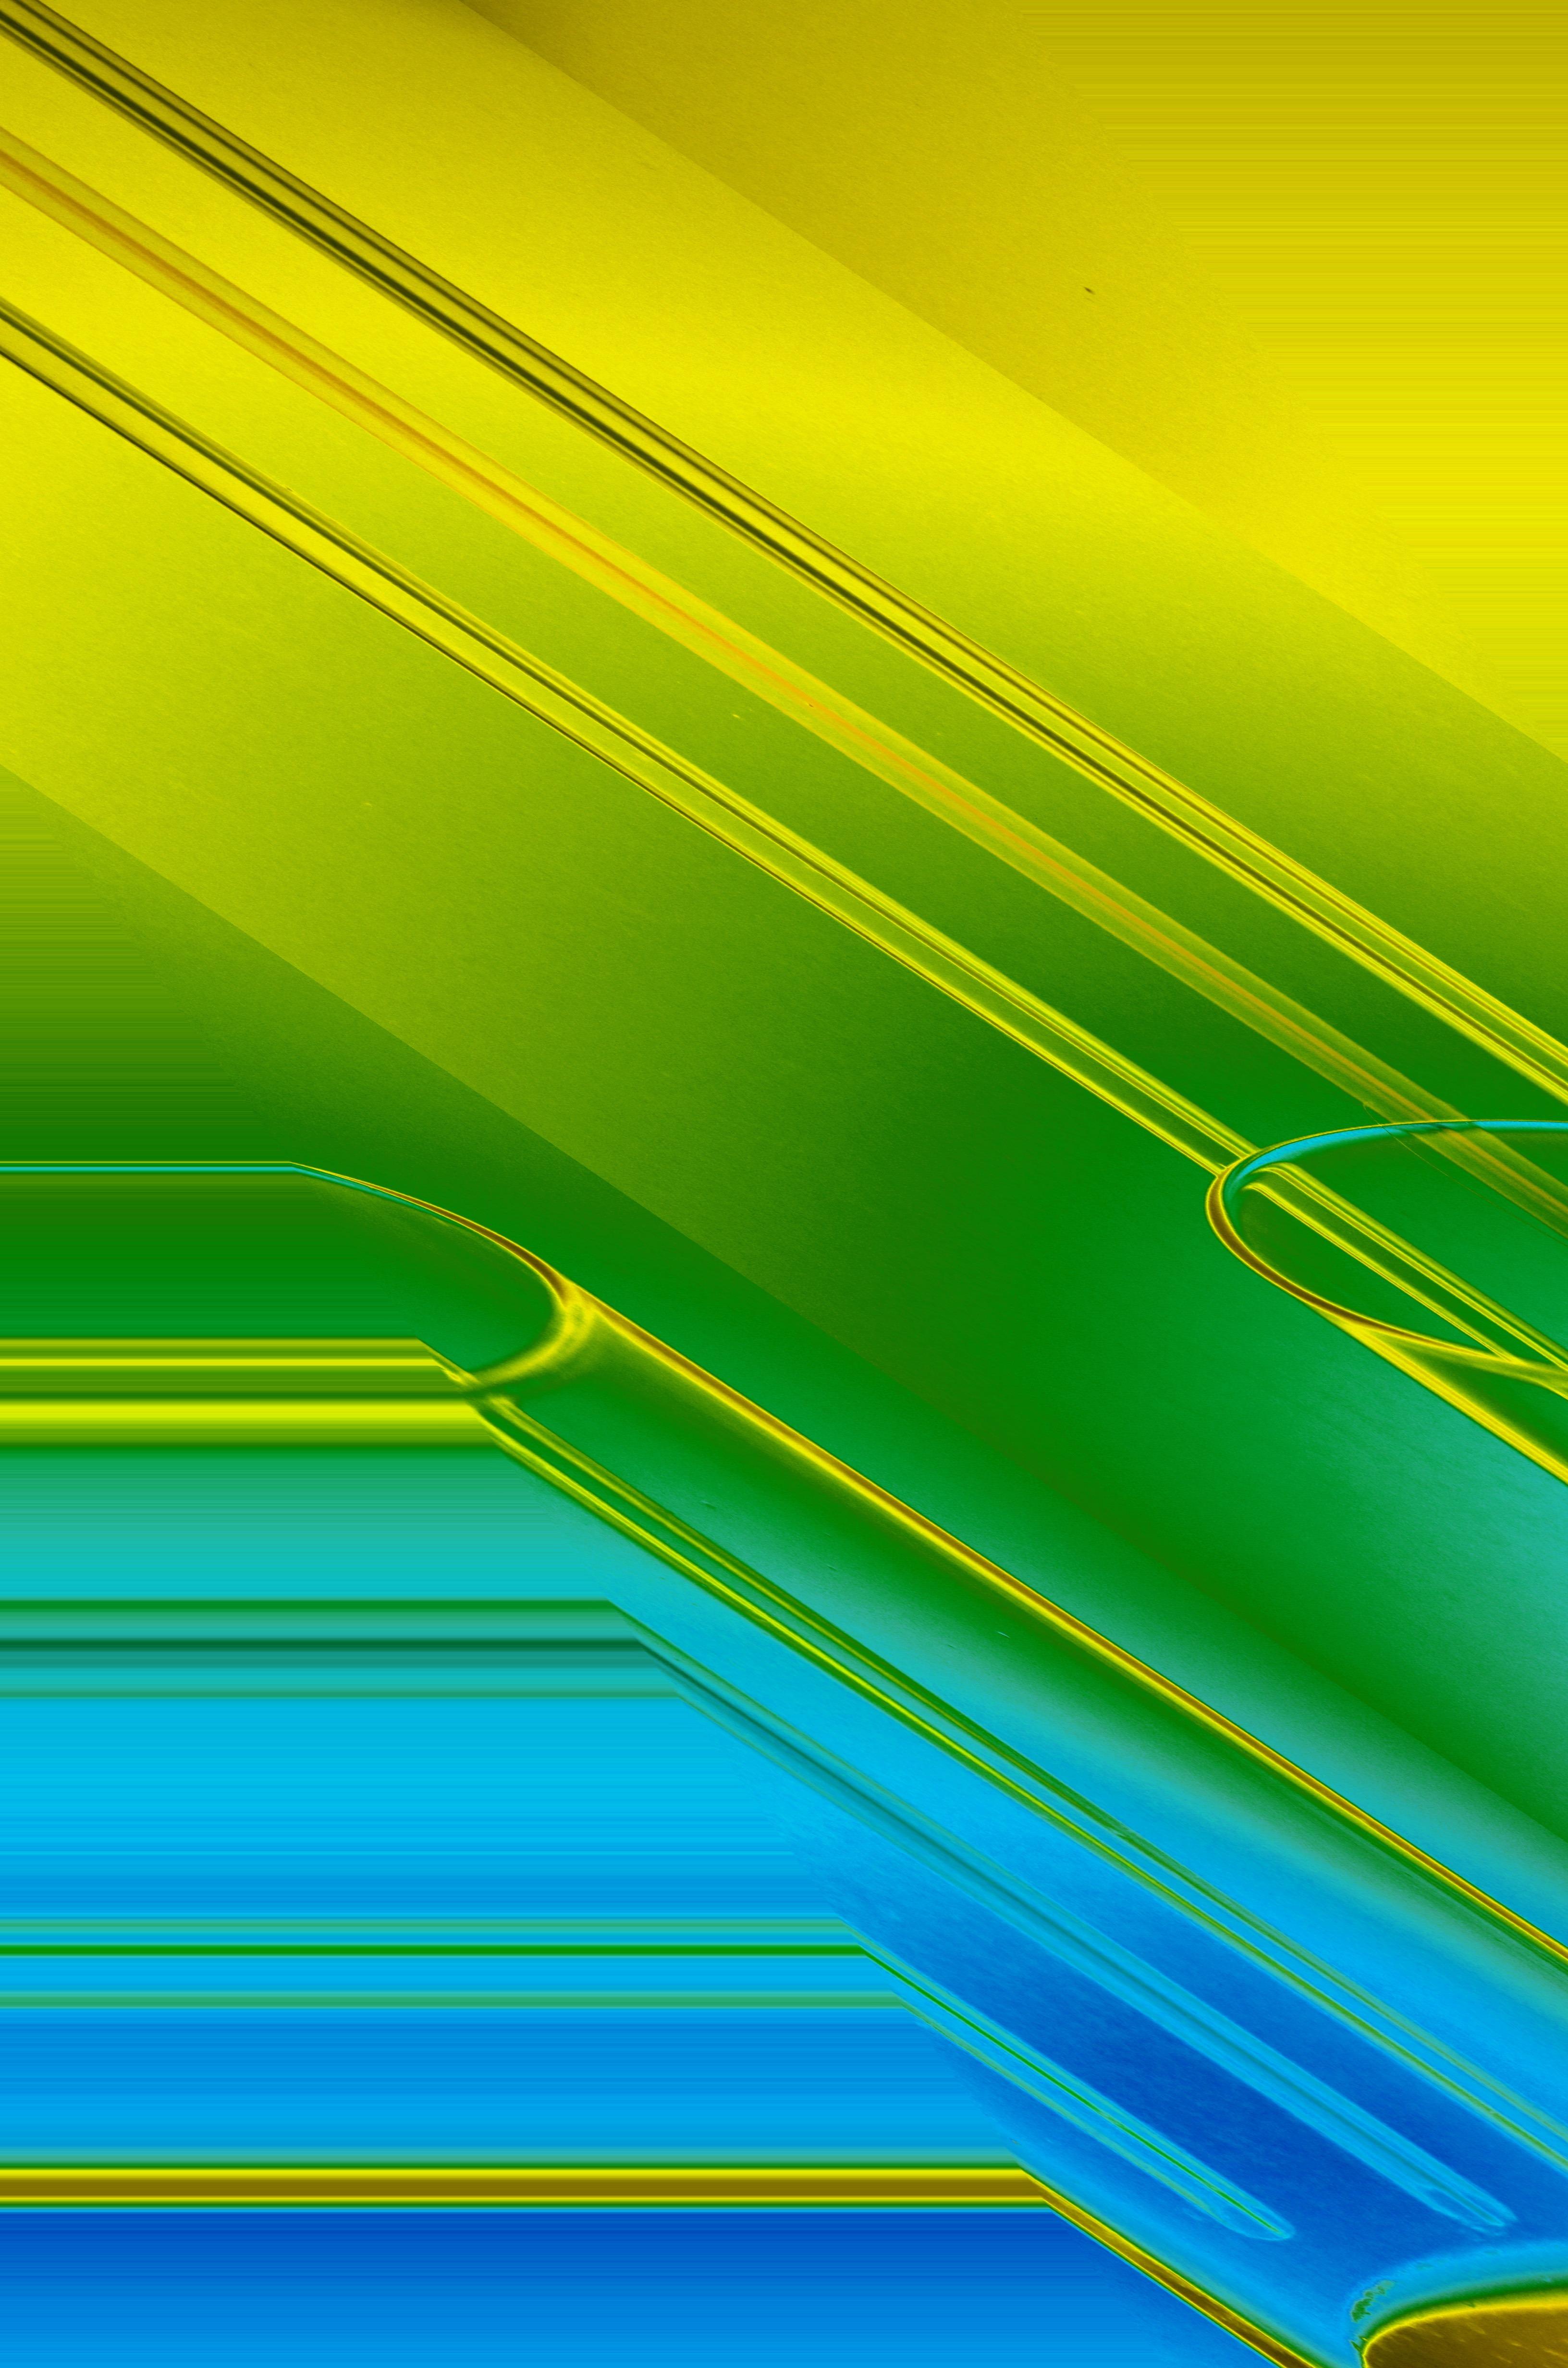 Rumput Abstrak Struktur Langit Sinar Matahari Daun Gelombang Kaca Suasana Garis Hijau Warna Kuning Modern Lingkaran